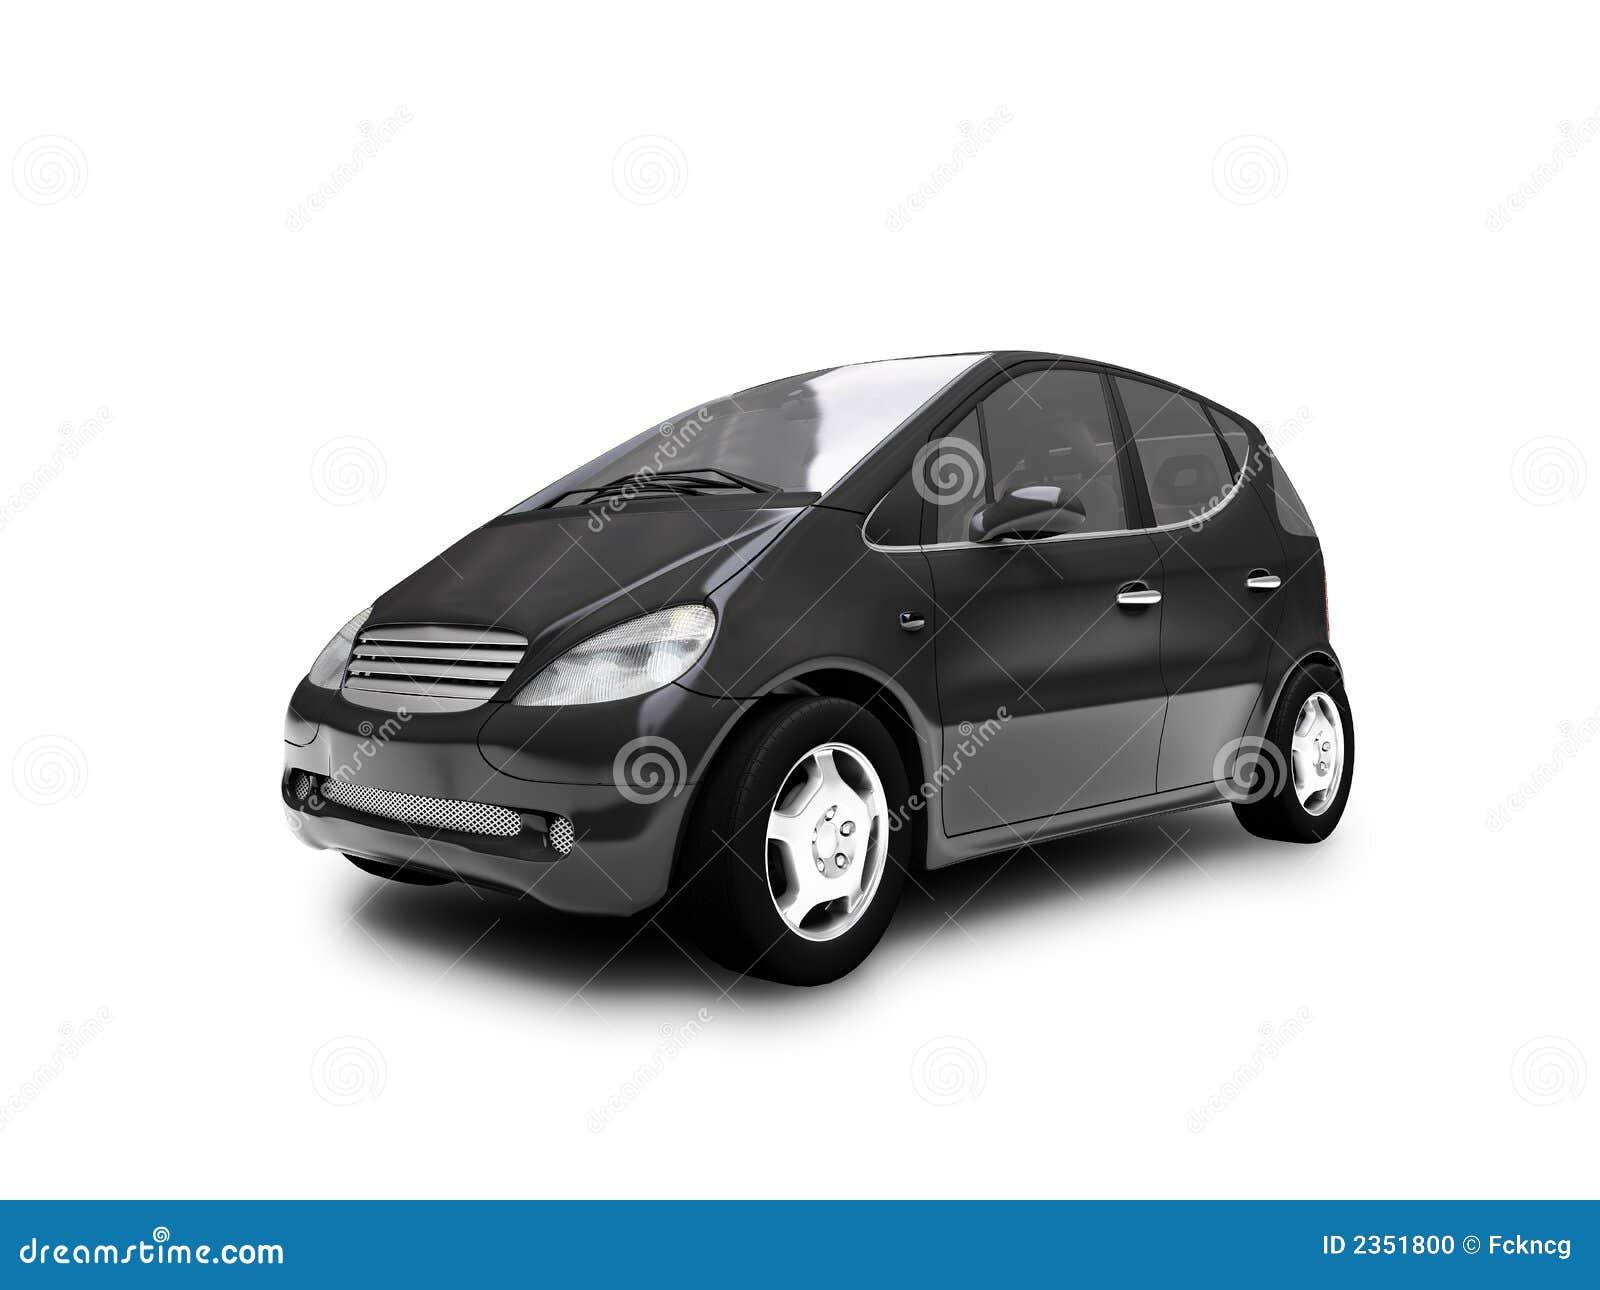 автомобиль прифронтовое миниое view03